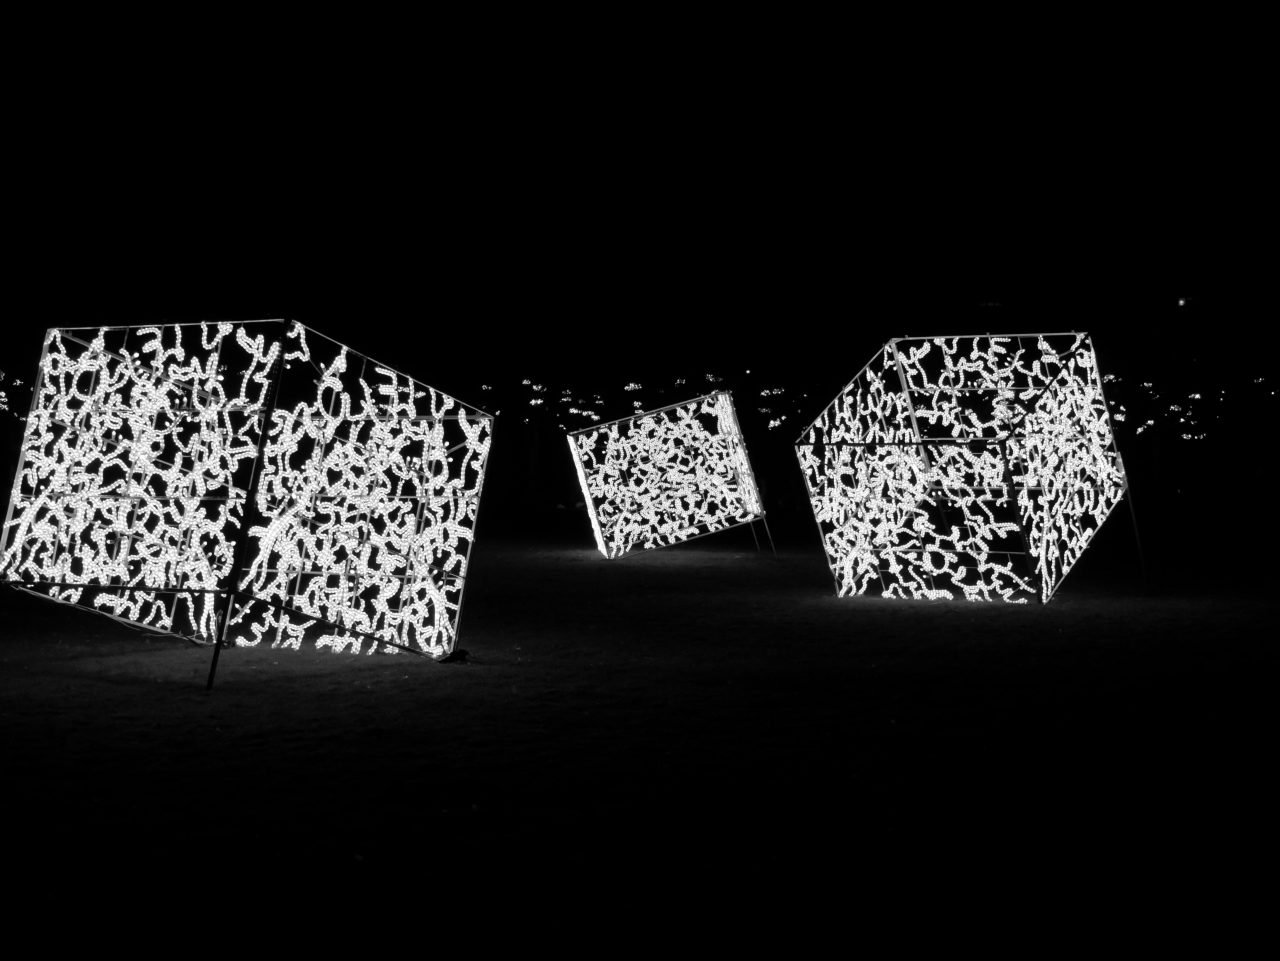 Leuchtende Würfel